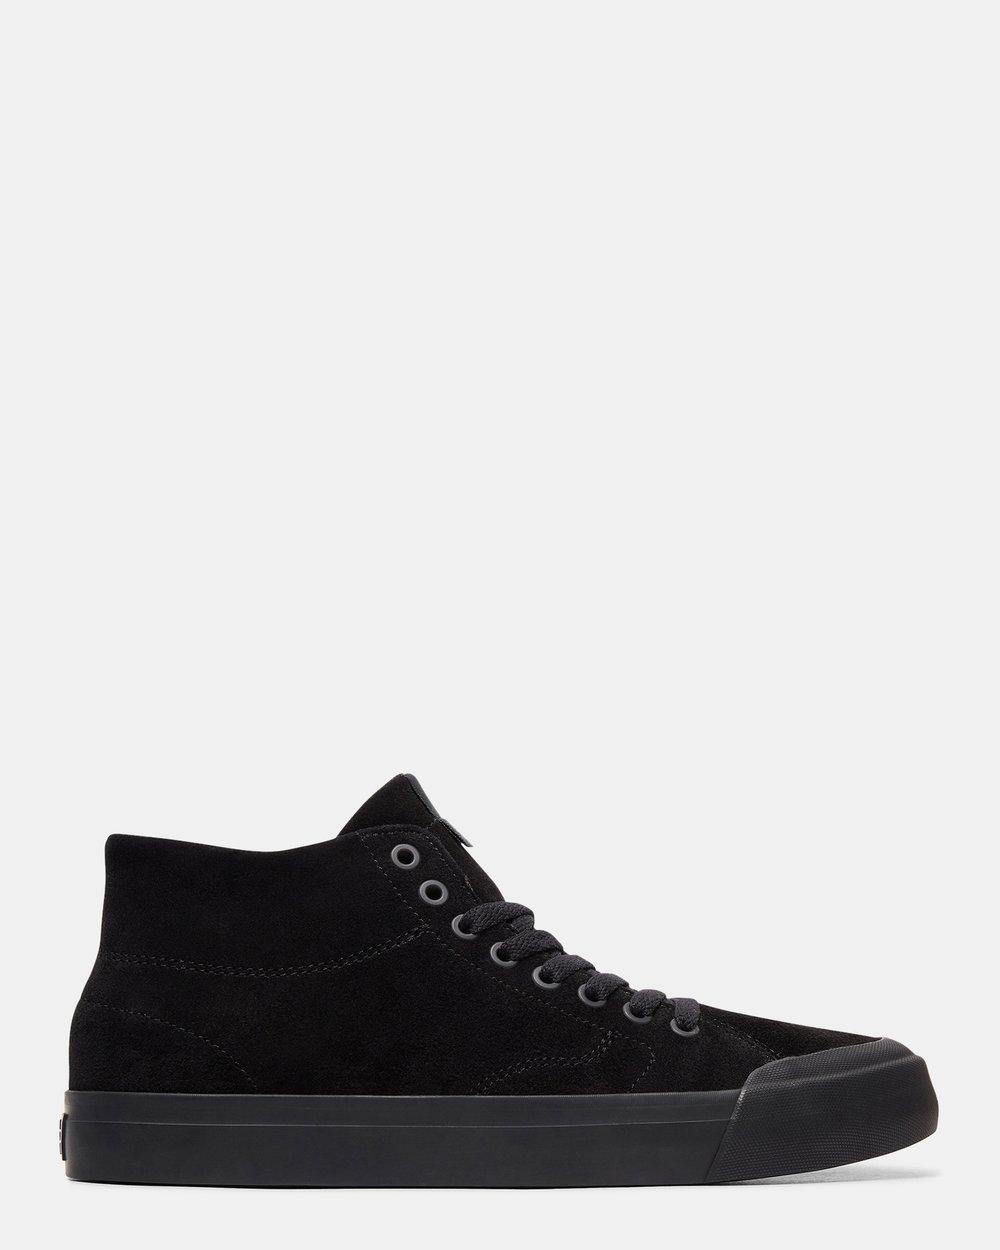 62d51c599b Mens Evan Smith Hi Zero Shoe by DC Shoes Online